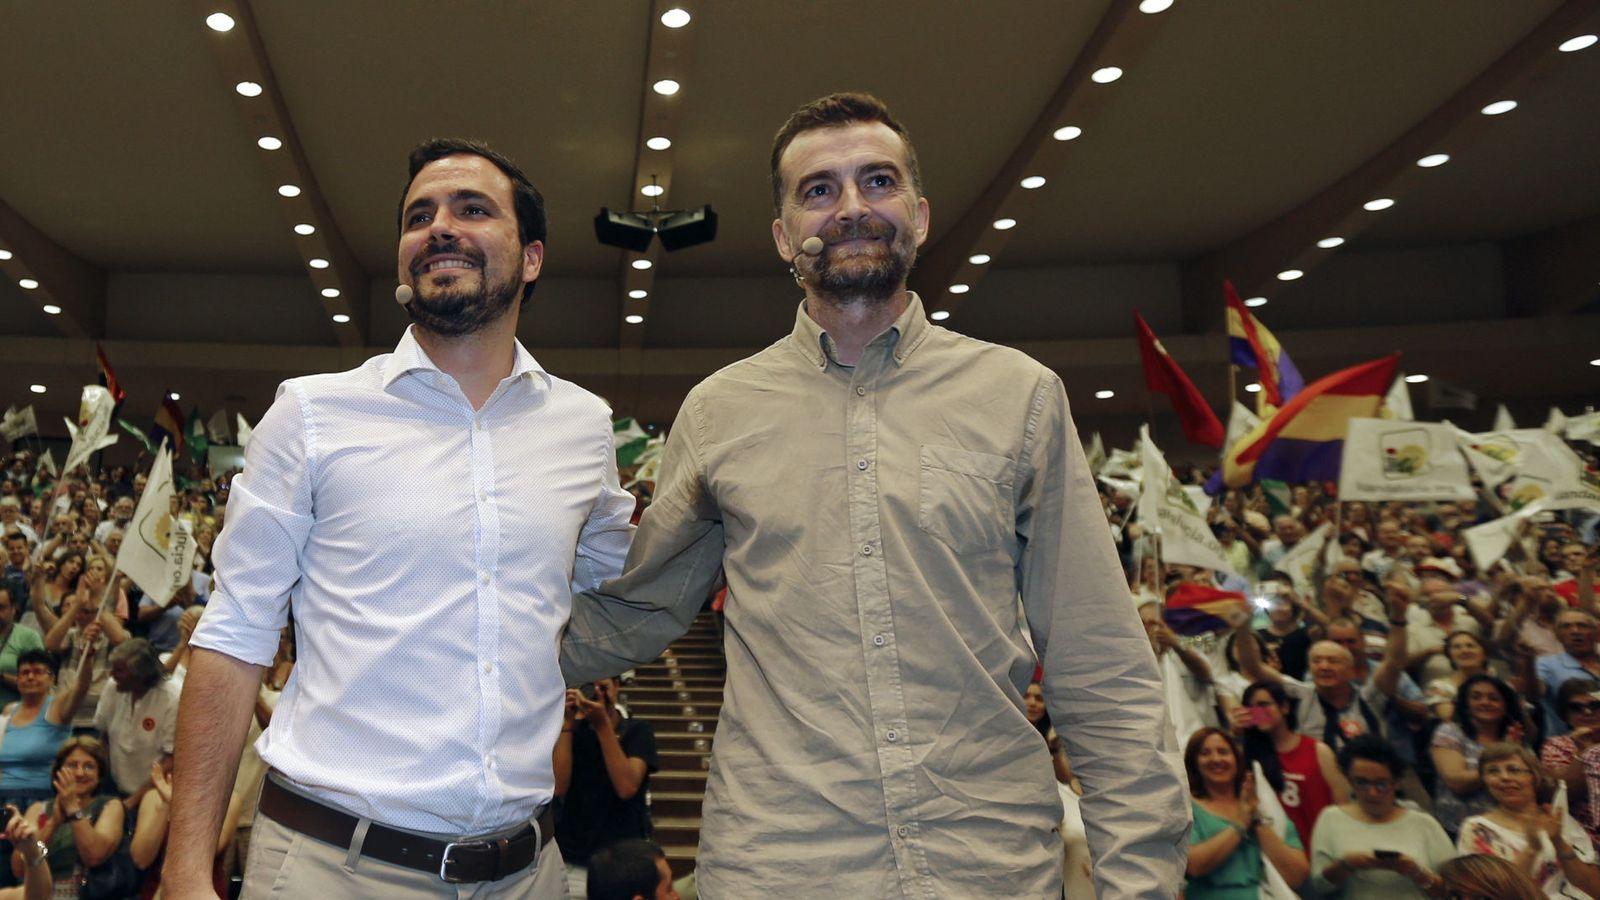 Foto: El coordinador general de IU, Alberto Garzón, y el coordinador general de IU Andalucía, Antonio Maíllo. (EFE)